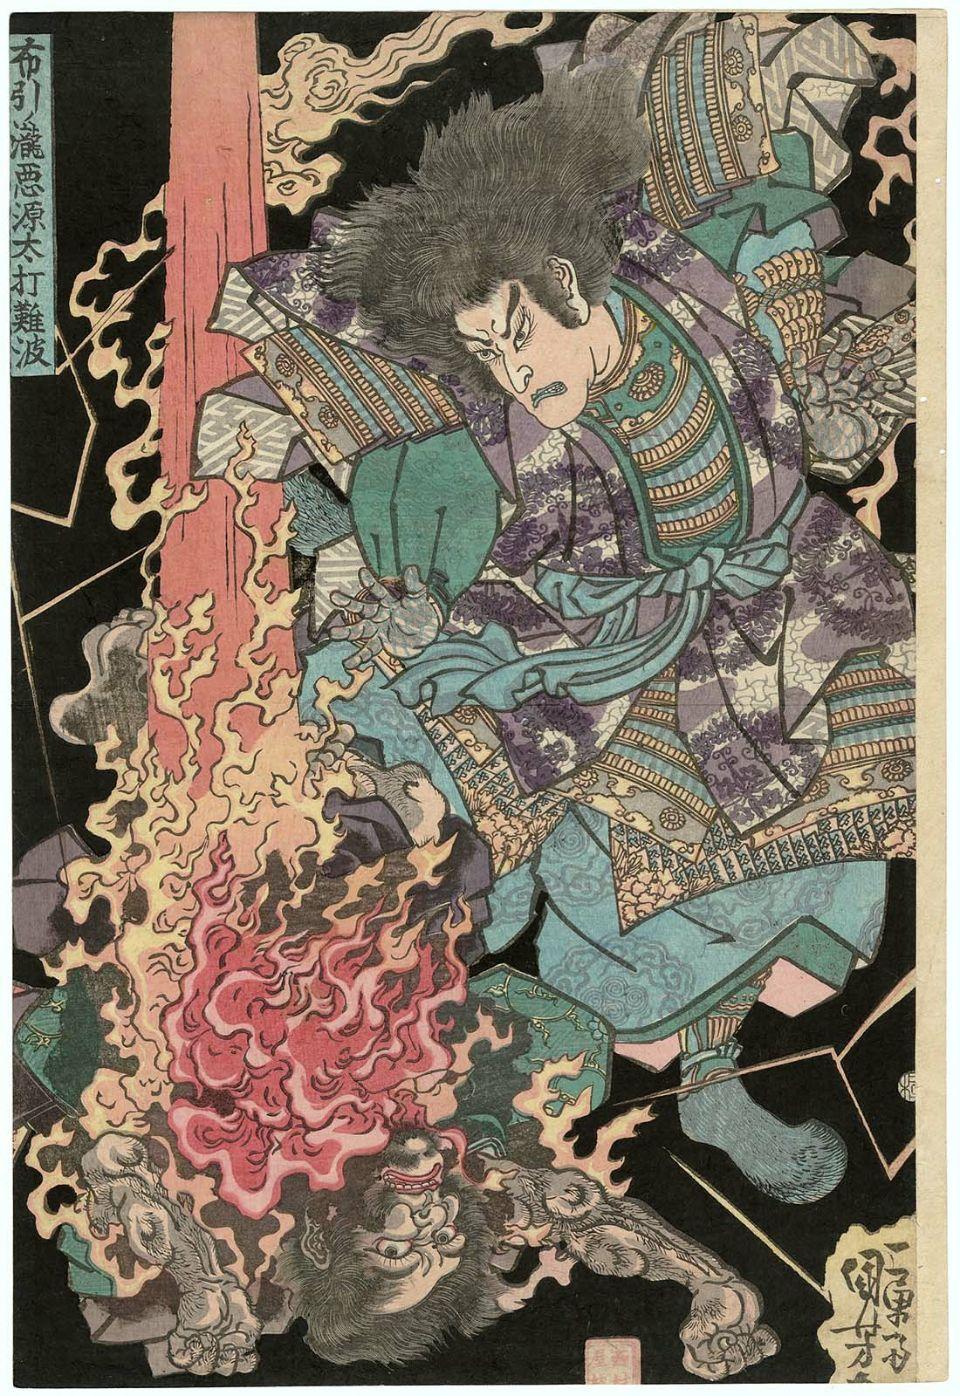 At Nunobiki Waterfall, Akugenda Strikes Down Nanba (Nunobiki no taki Akugenda Nanba o utsu)      「布引ノ滝悪源太討難波」      Japanese, Edo period, about 1834–35 (Tenpô 4–5)     Artist Utagawa Kuniyoshi, Japanese, 1797–1861     Publisher Nishimuraya Yohachi (Eijudô),  Catalogue Raisonné     Shibuya Kuritsu Shôtô Bijutsukan, Musha-e (2003), #45; Robinson, Kuniyoshi: The Warrior-Prints (1982), list #S1c.4, photo on p. 100 Accession Number     64.2392